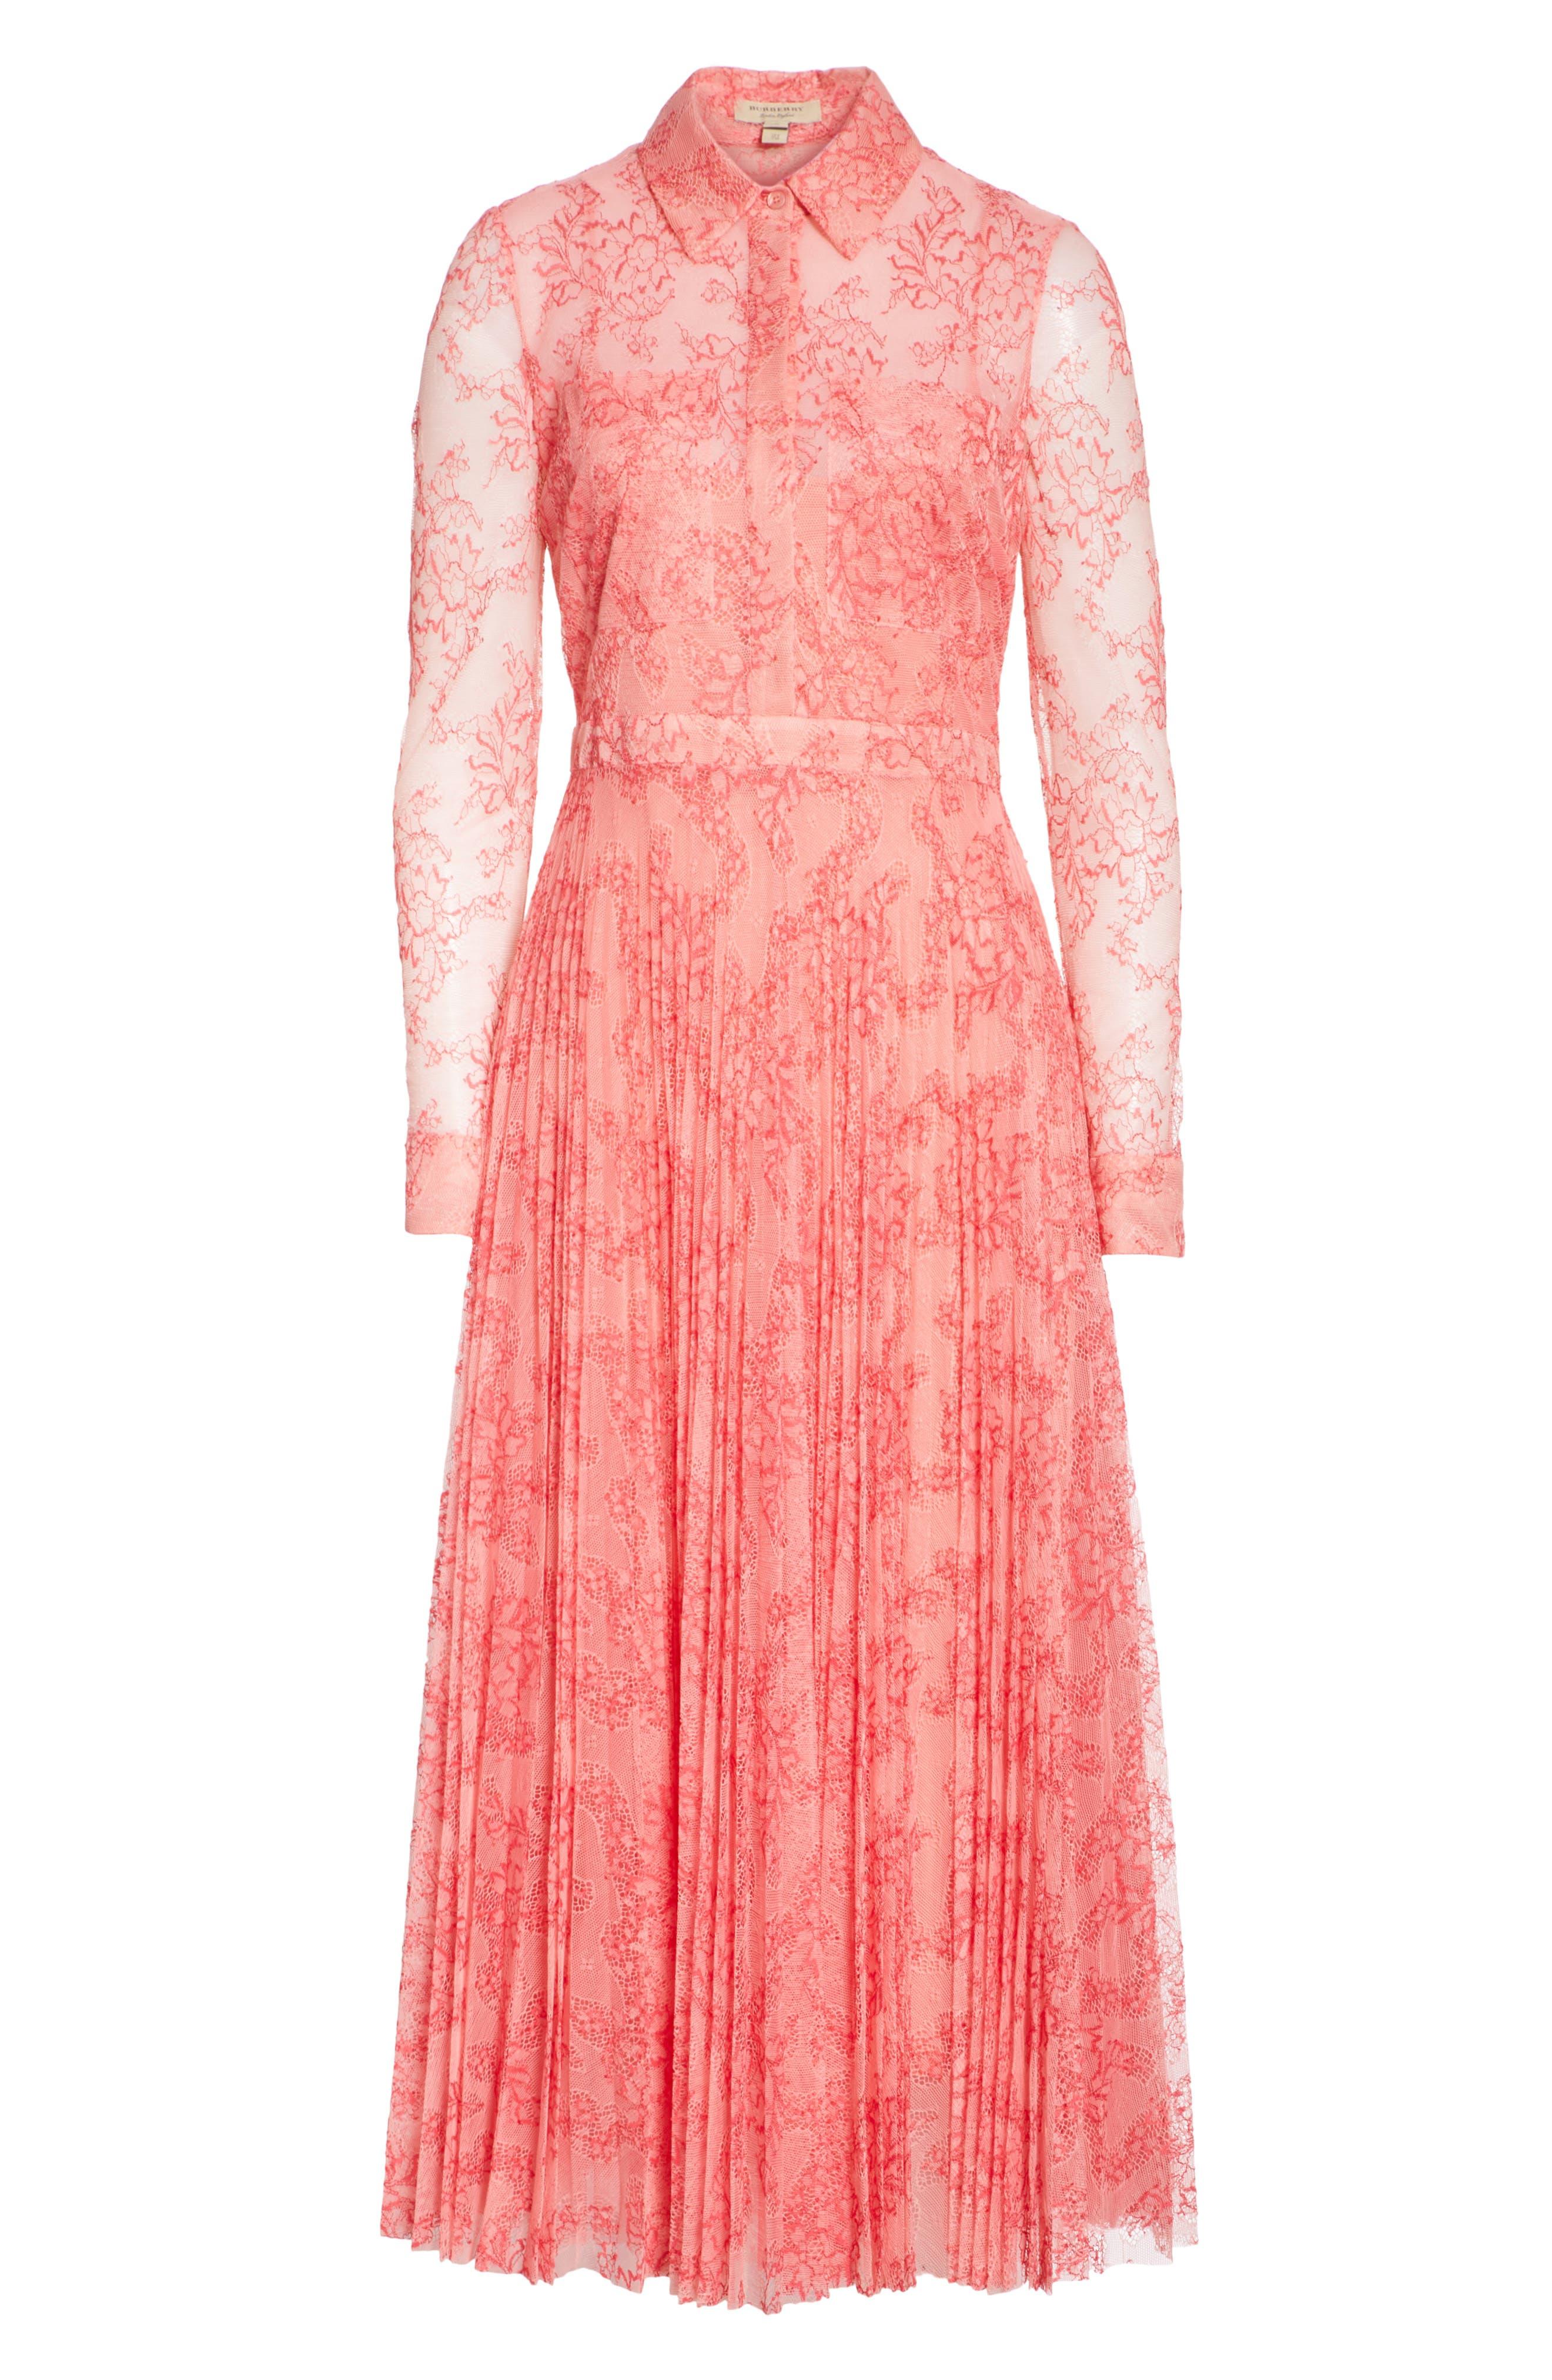 Clementine Floral Lace Midi Dress,                             Alternate thumbnail 7, color,                             956